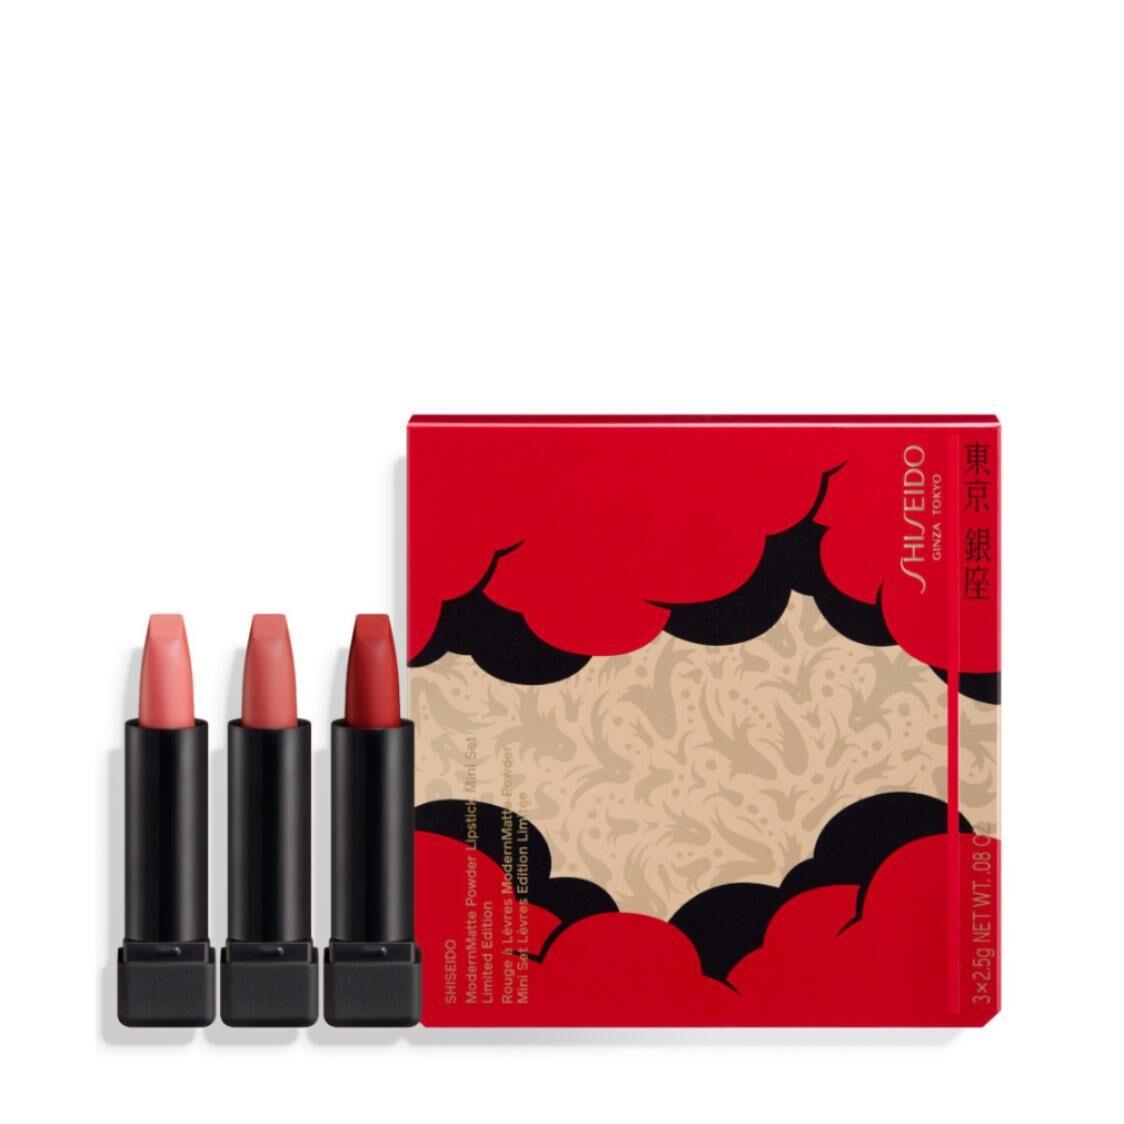 Shiseido ModernMatte PowderLipstick Mini Set Holiday Limited Edition